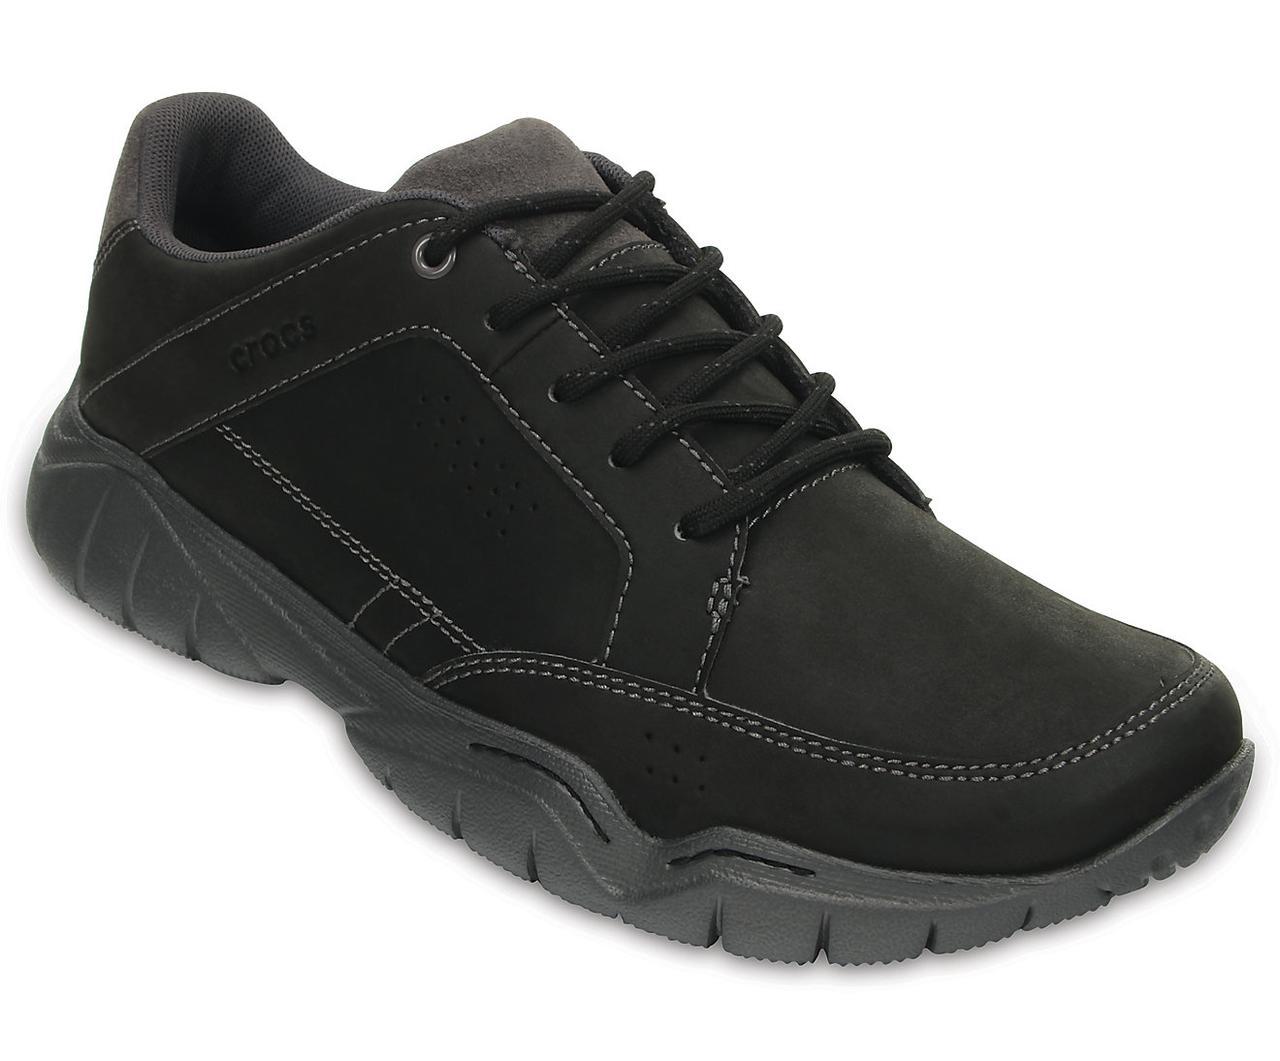 Туфли мужские деми Кроксы Свифтвотер Хайкер оригинал / Crocs Mens Swiftwater Hiker Shoe (203392), Черные